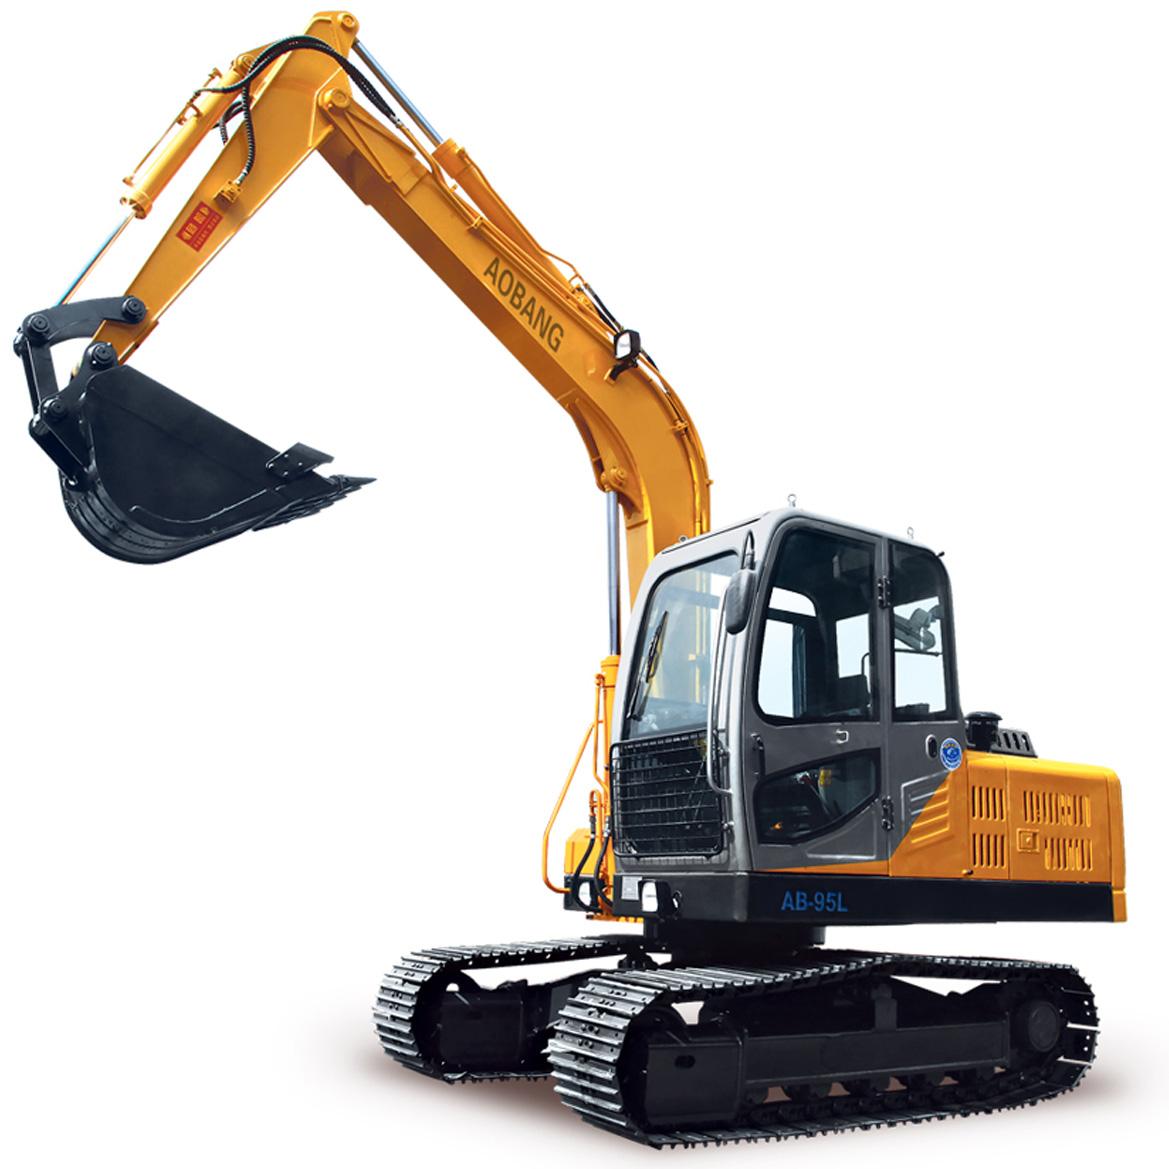 奥邦AB-95L履带式挖掘机